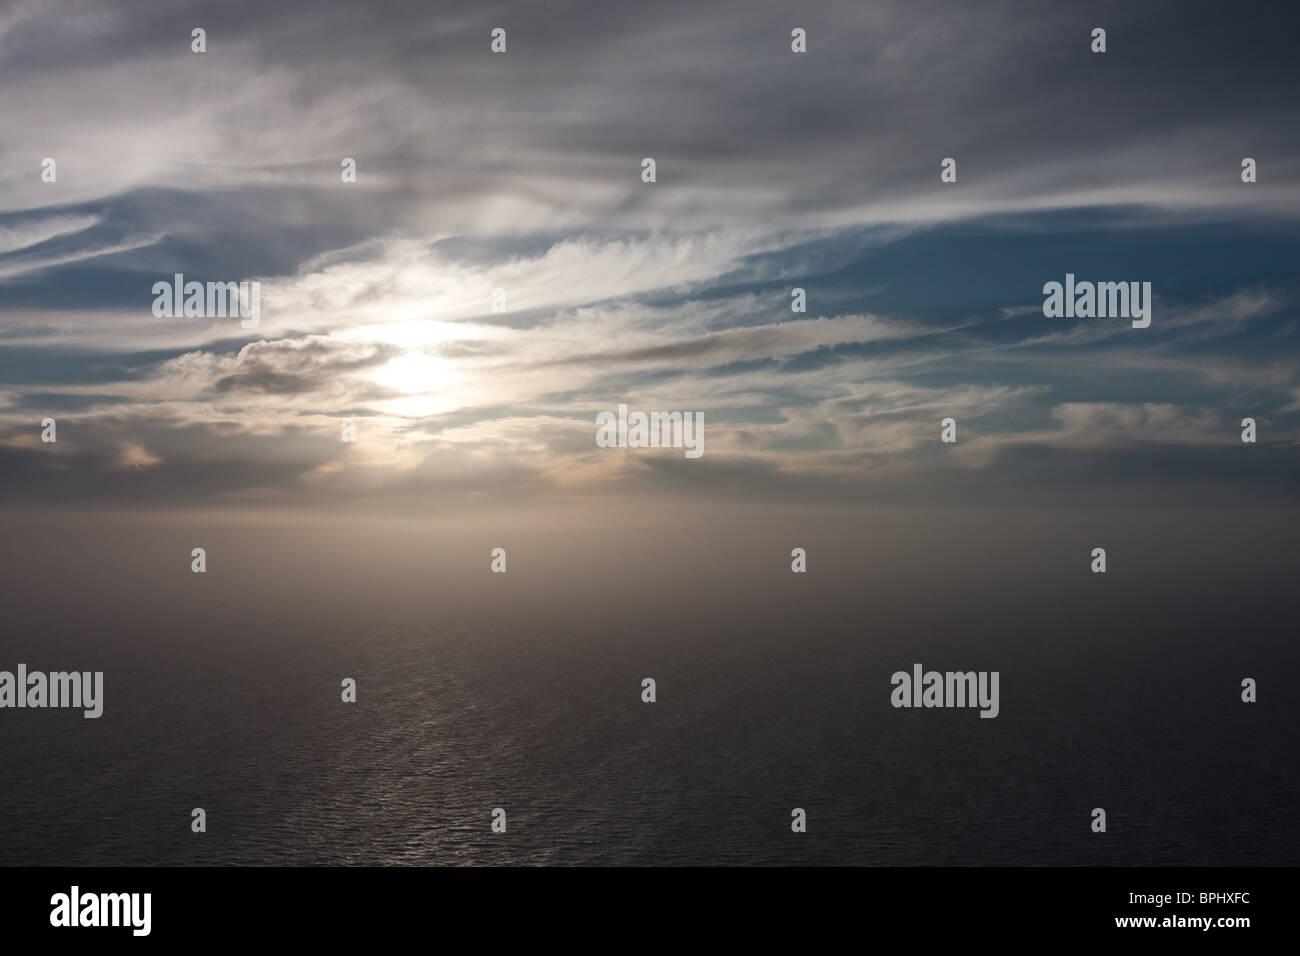 Das Sahara-Staub-Phänomen erreichen die Küste des Peloponnes, Griechenland Stockbild